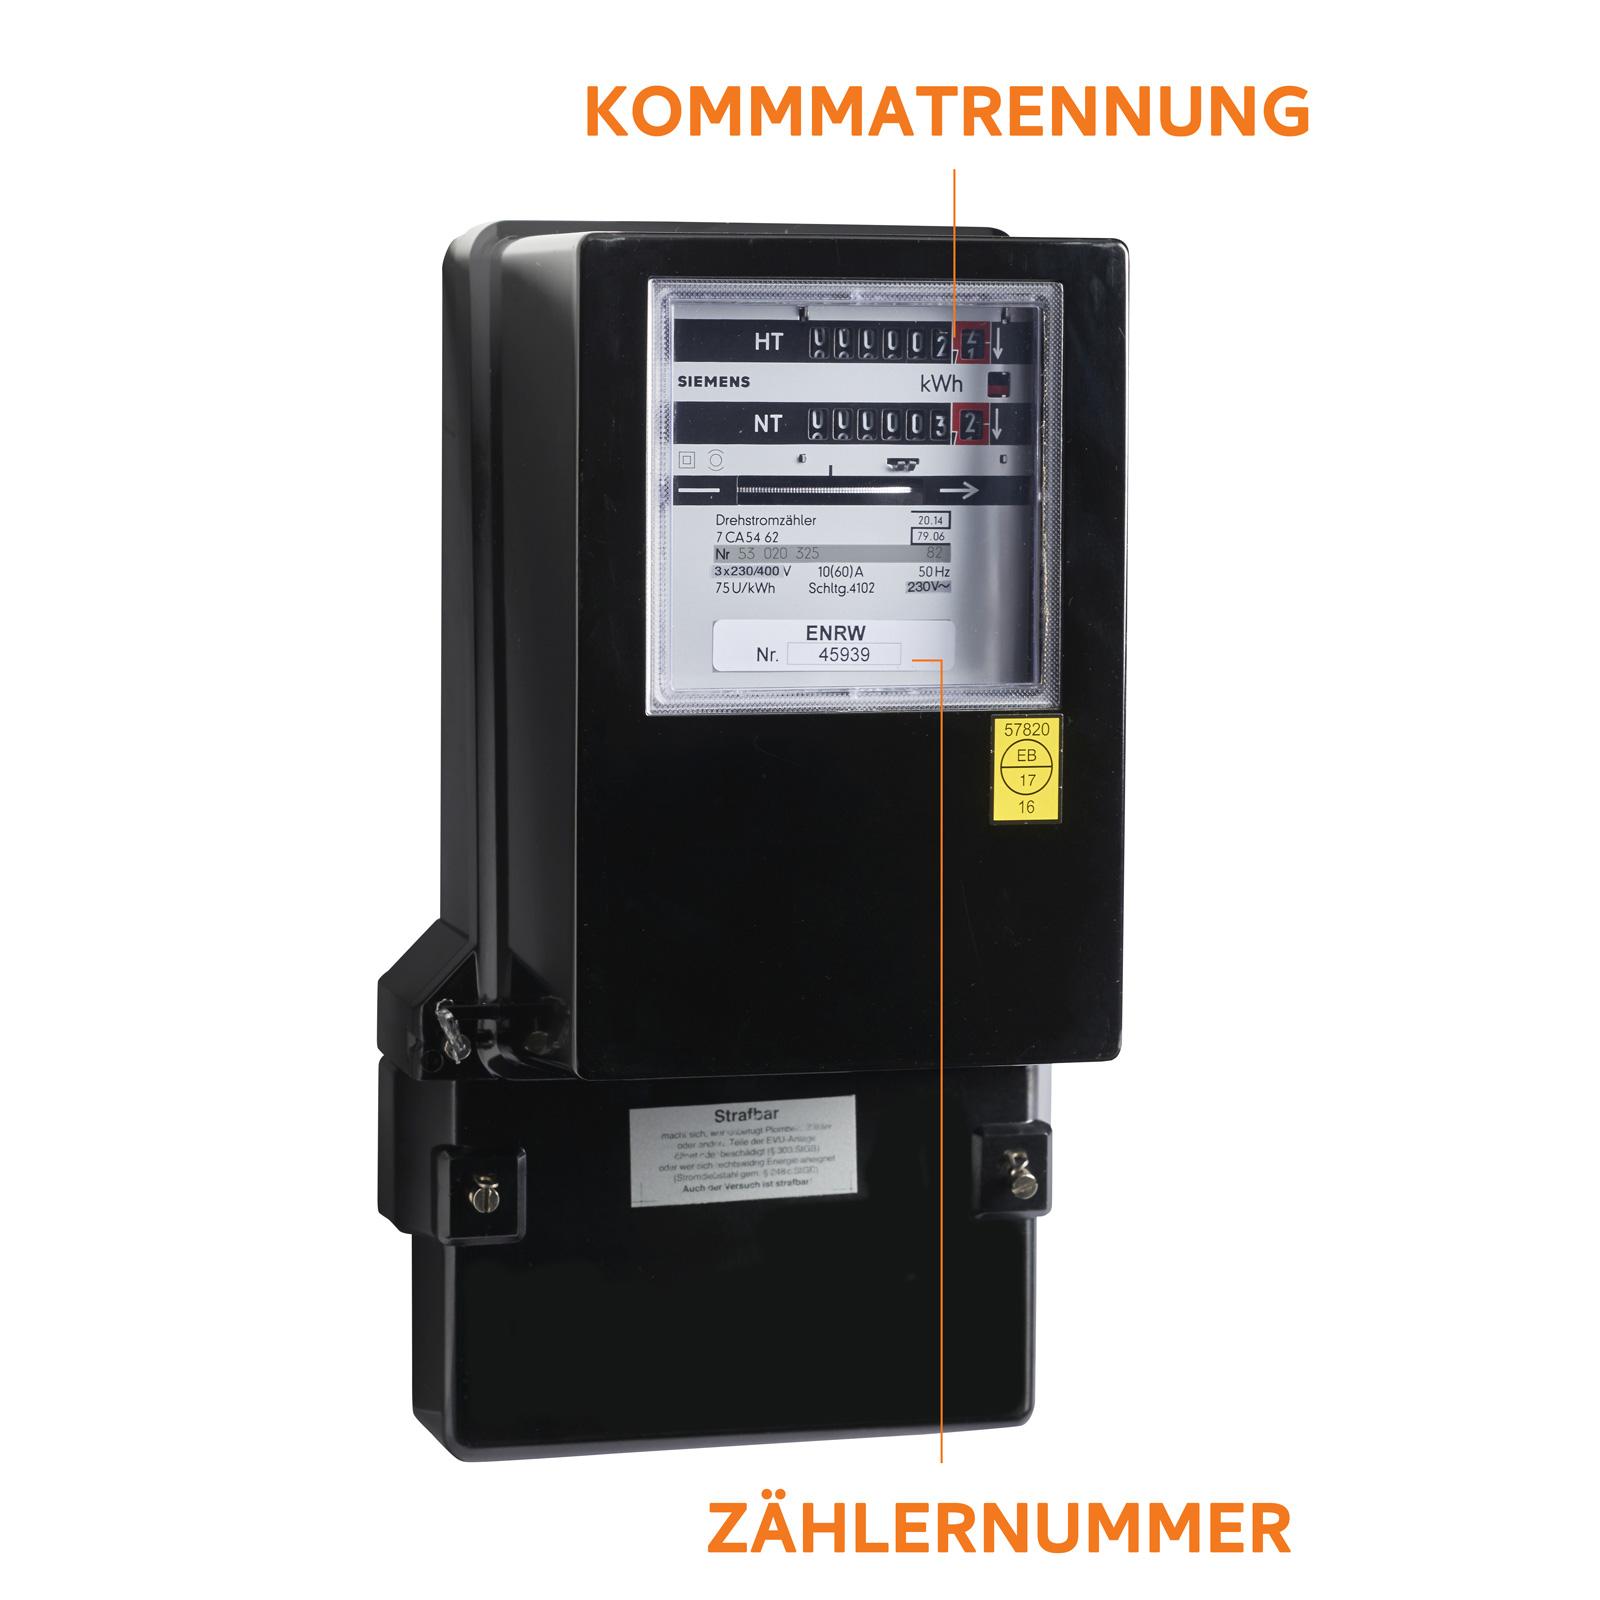 ENRW Strom Zweitarif Zähler